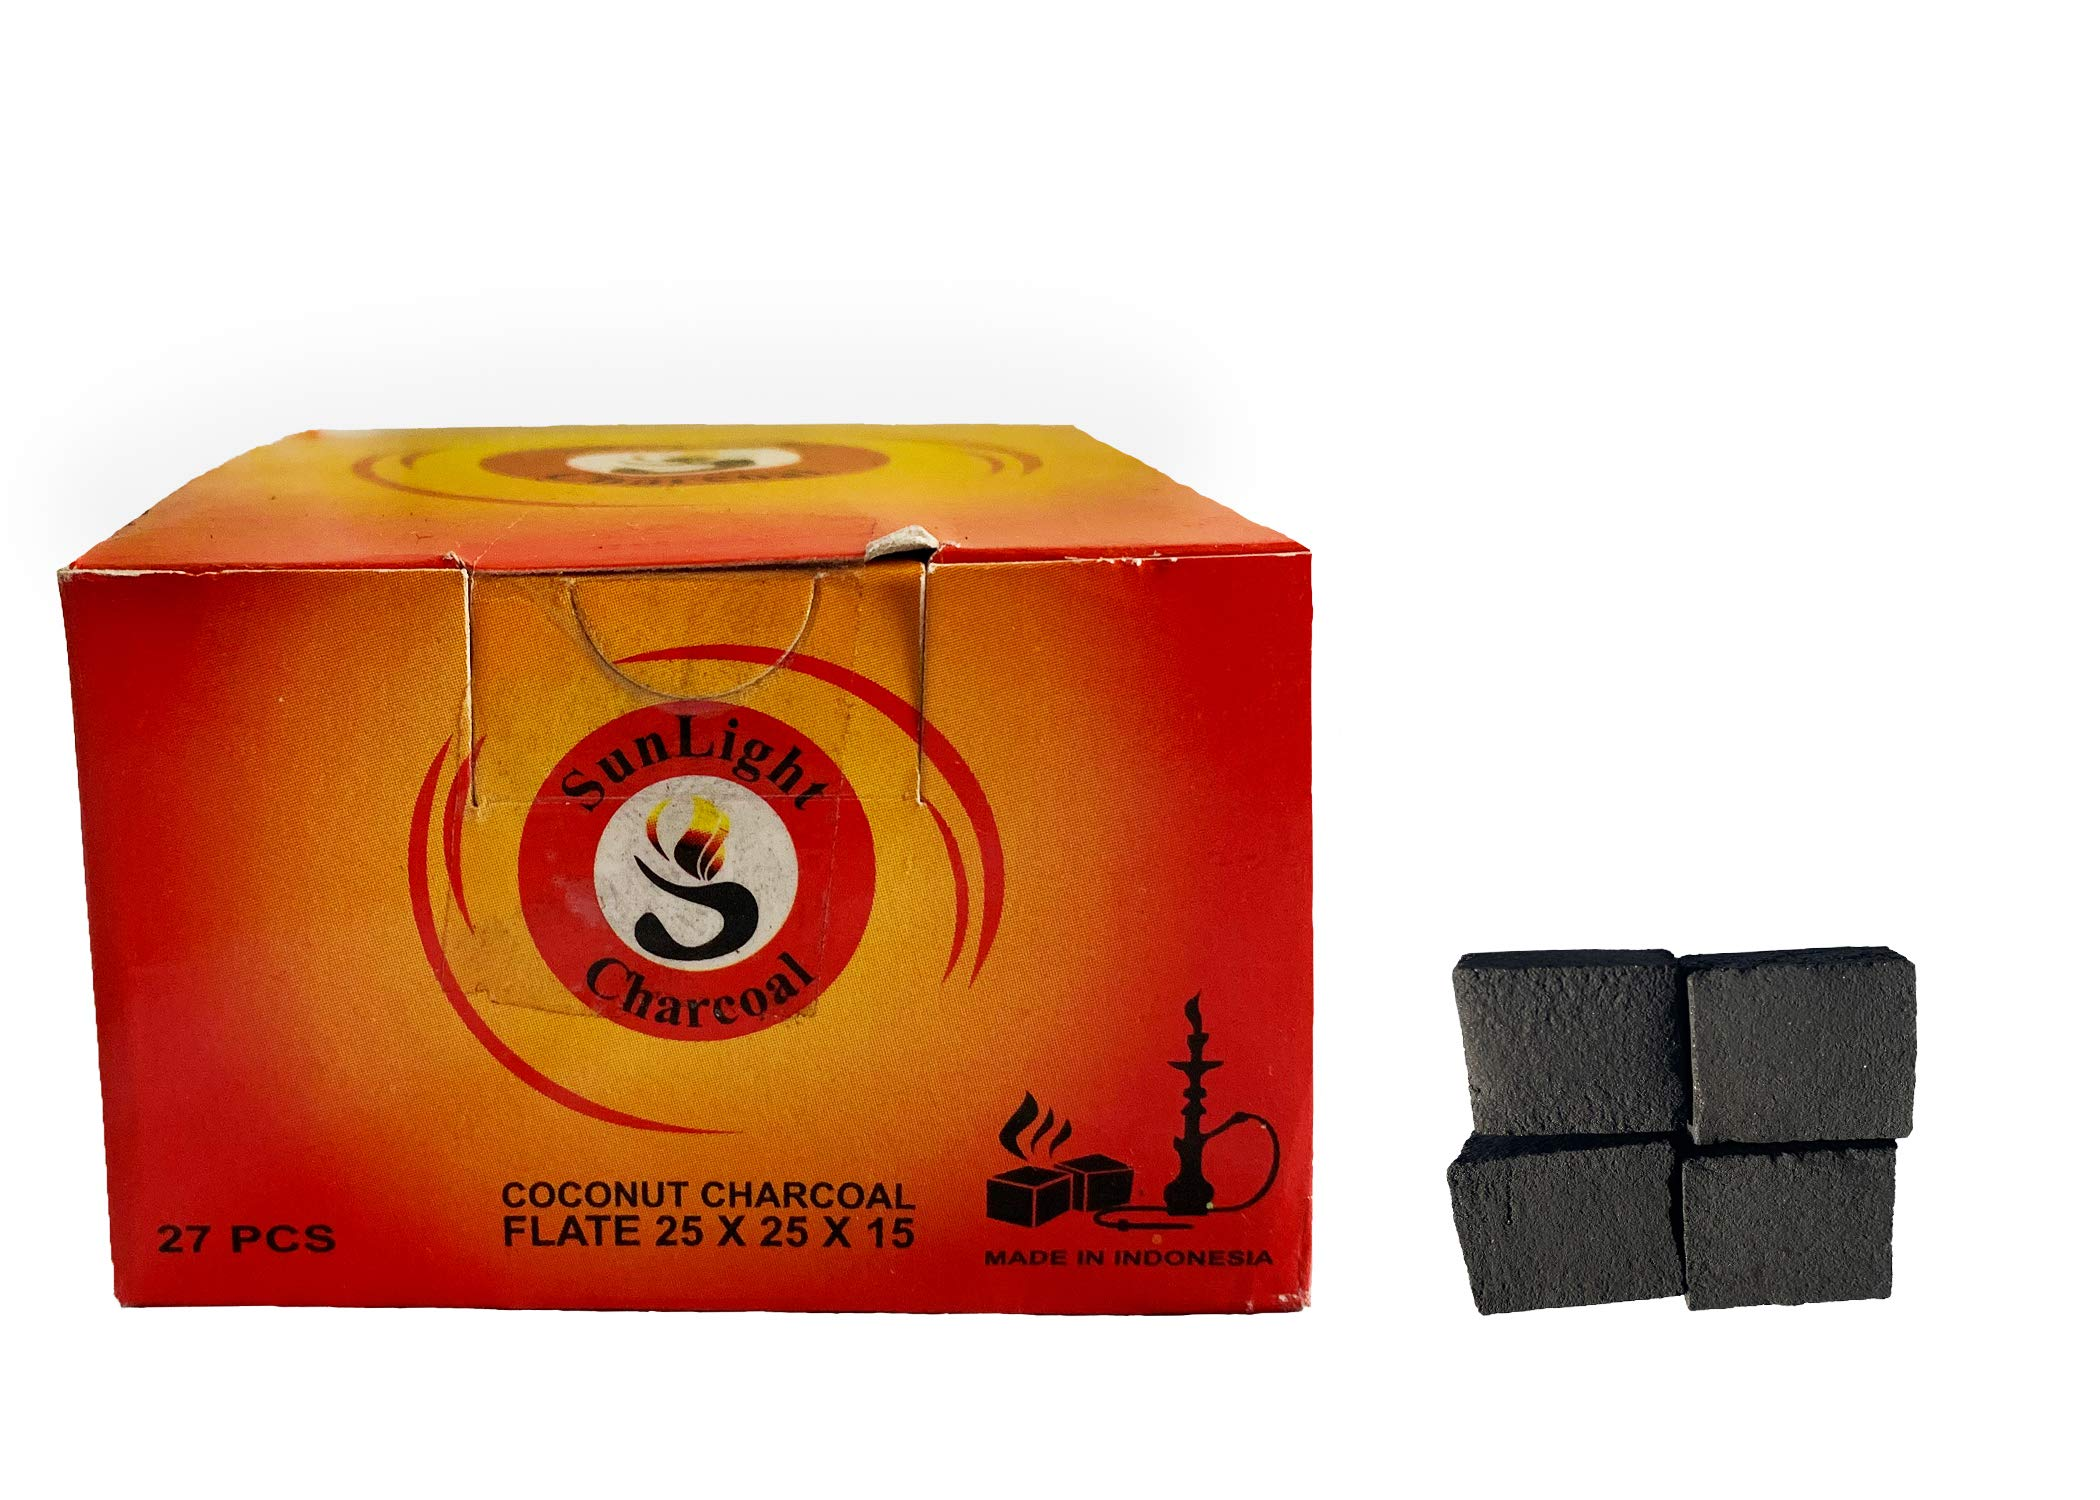 Sunlight Charcoal Coconut Coals Tablets